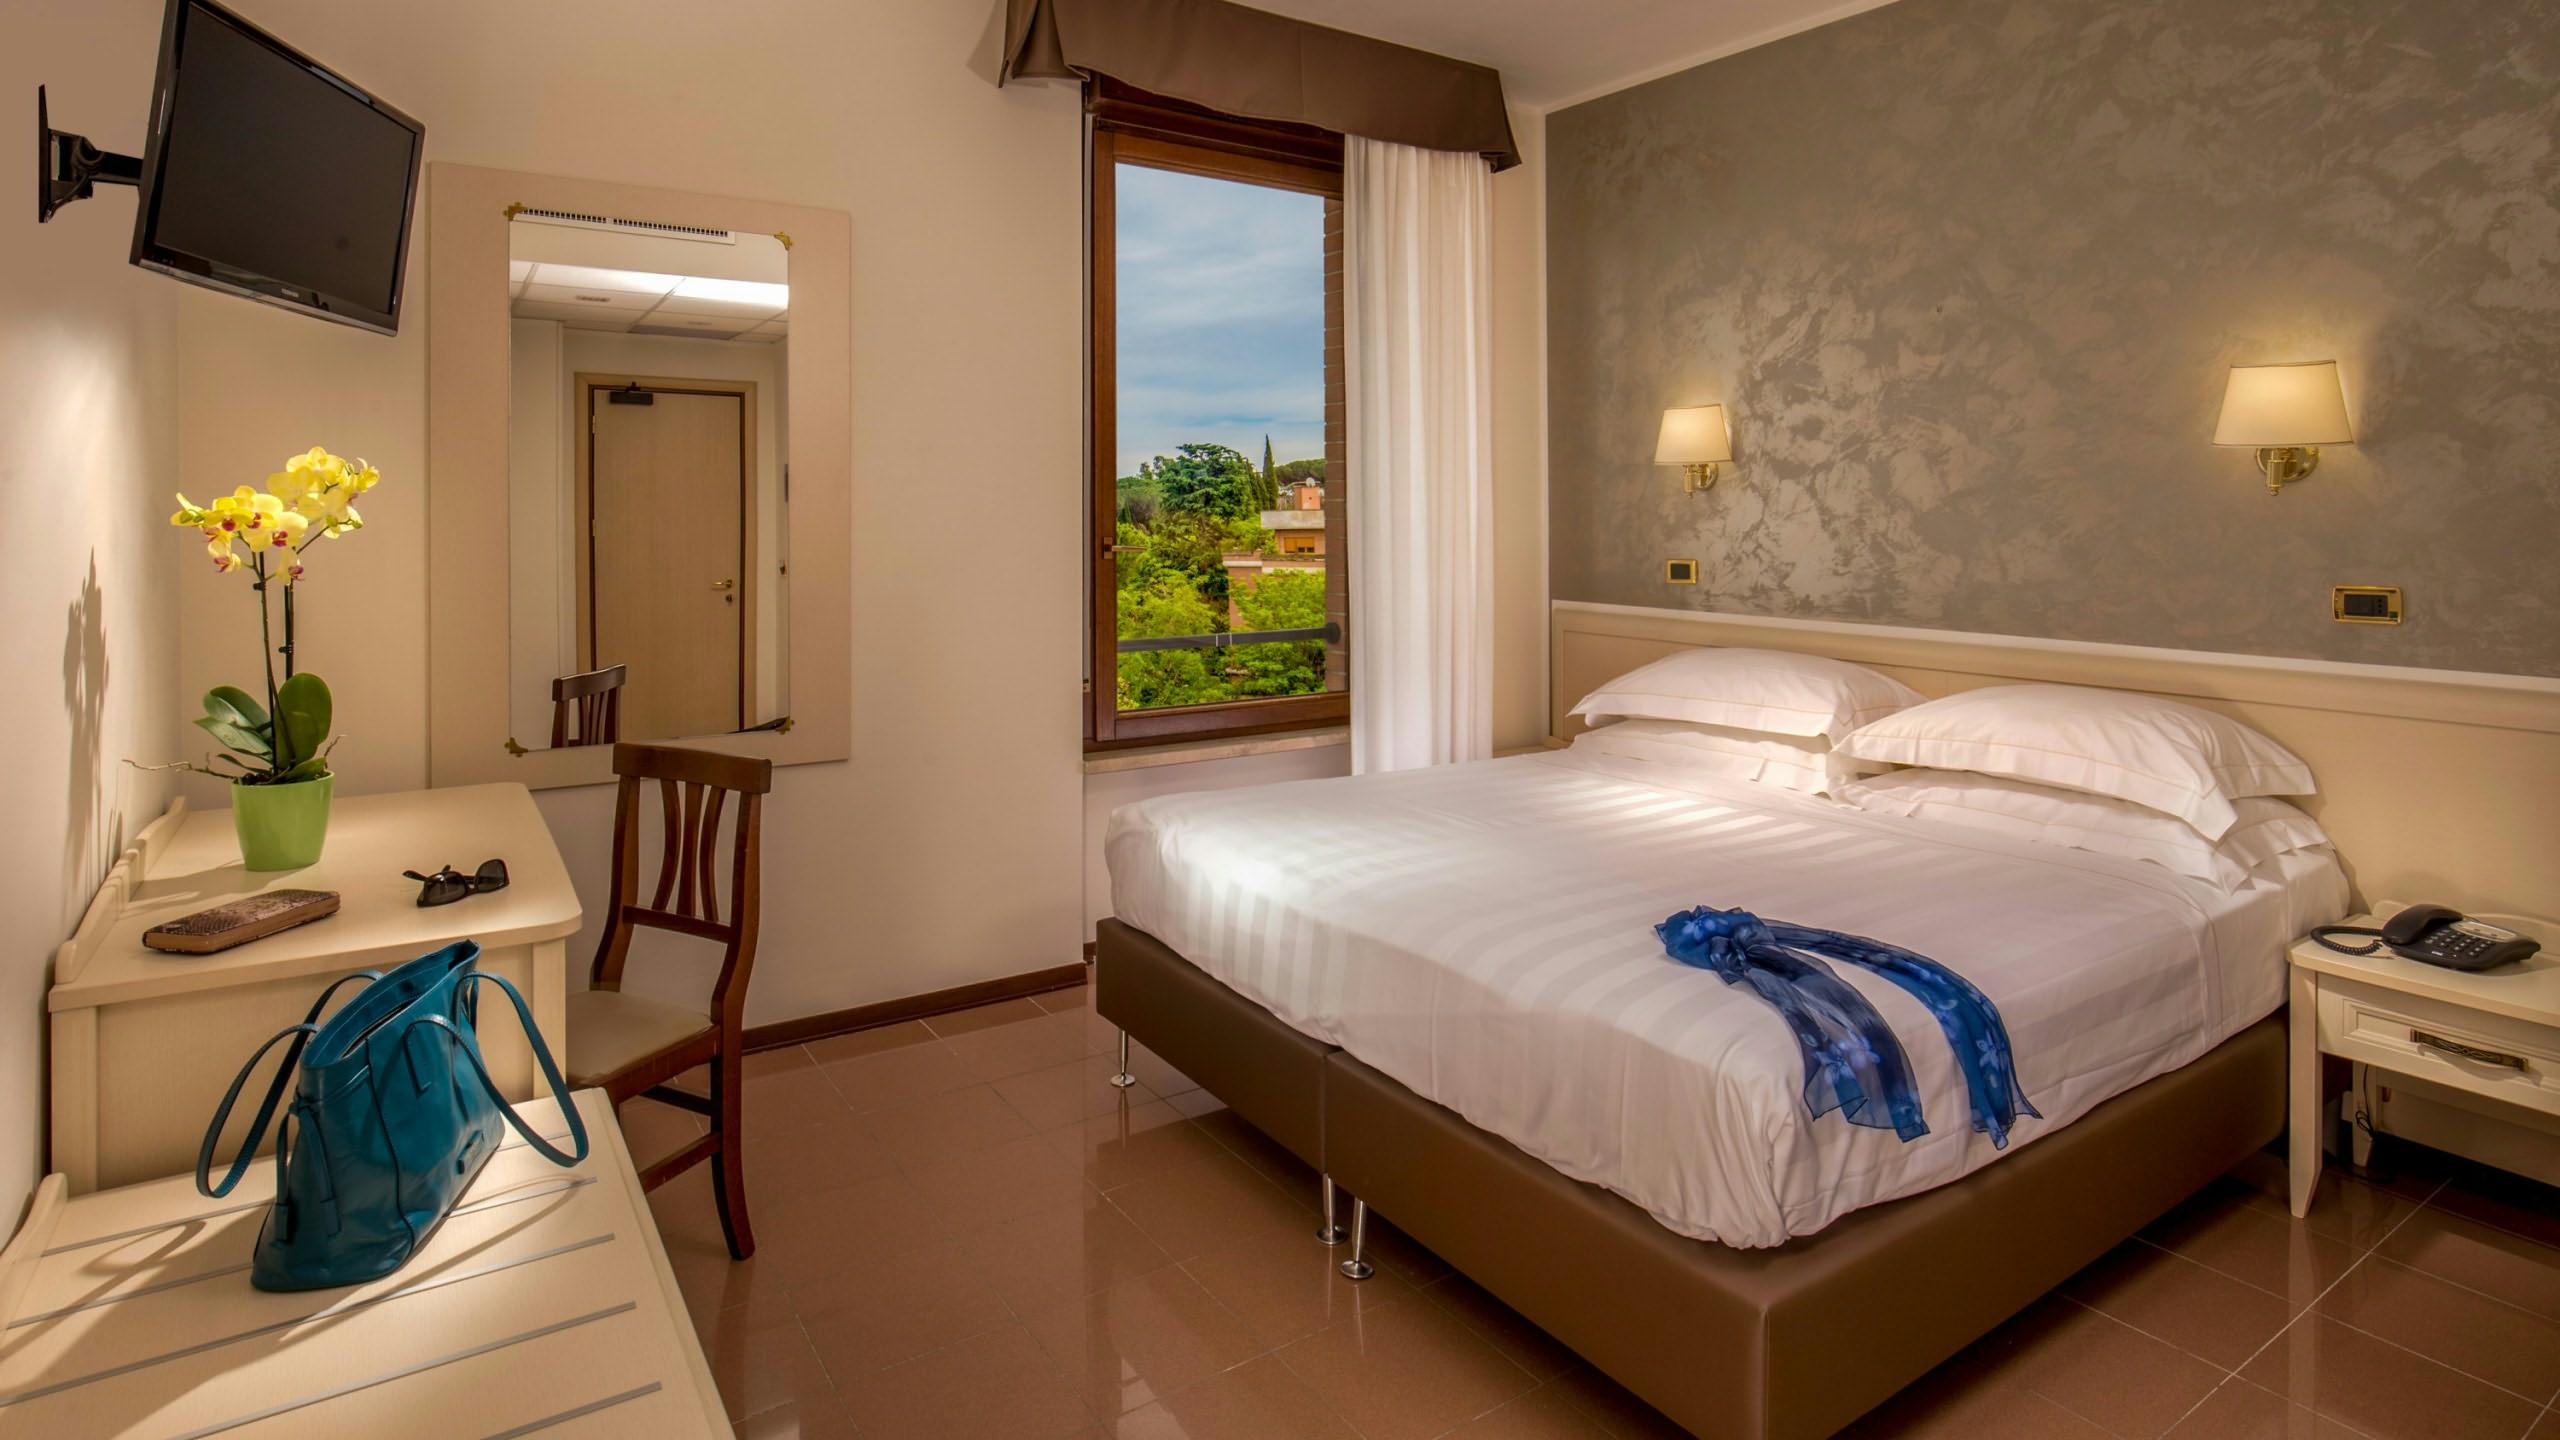 villa-aurelia-hôtel-rome-chambre-01